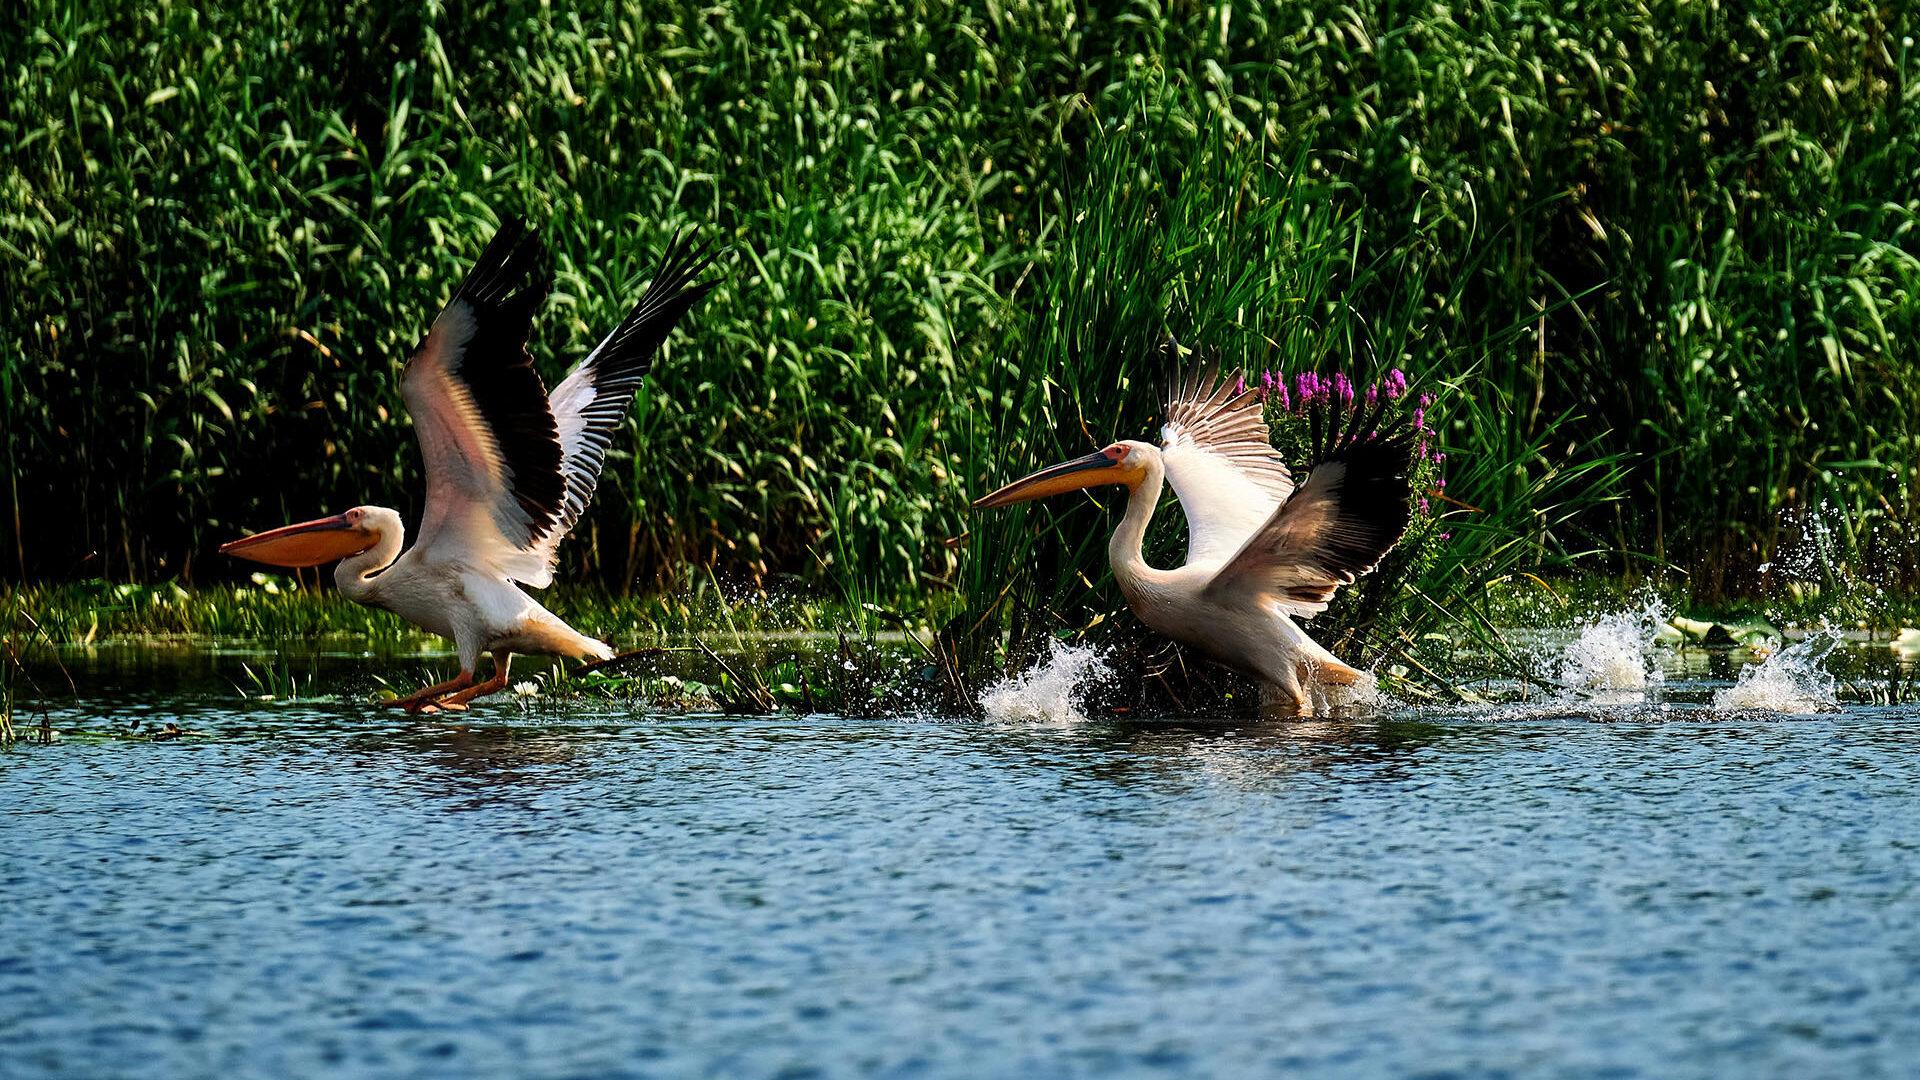 Danube Delta of Romania Birds 4